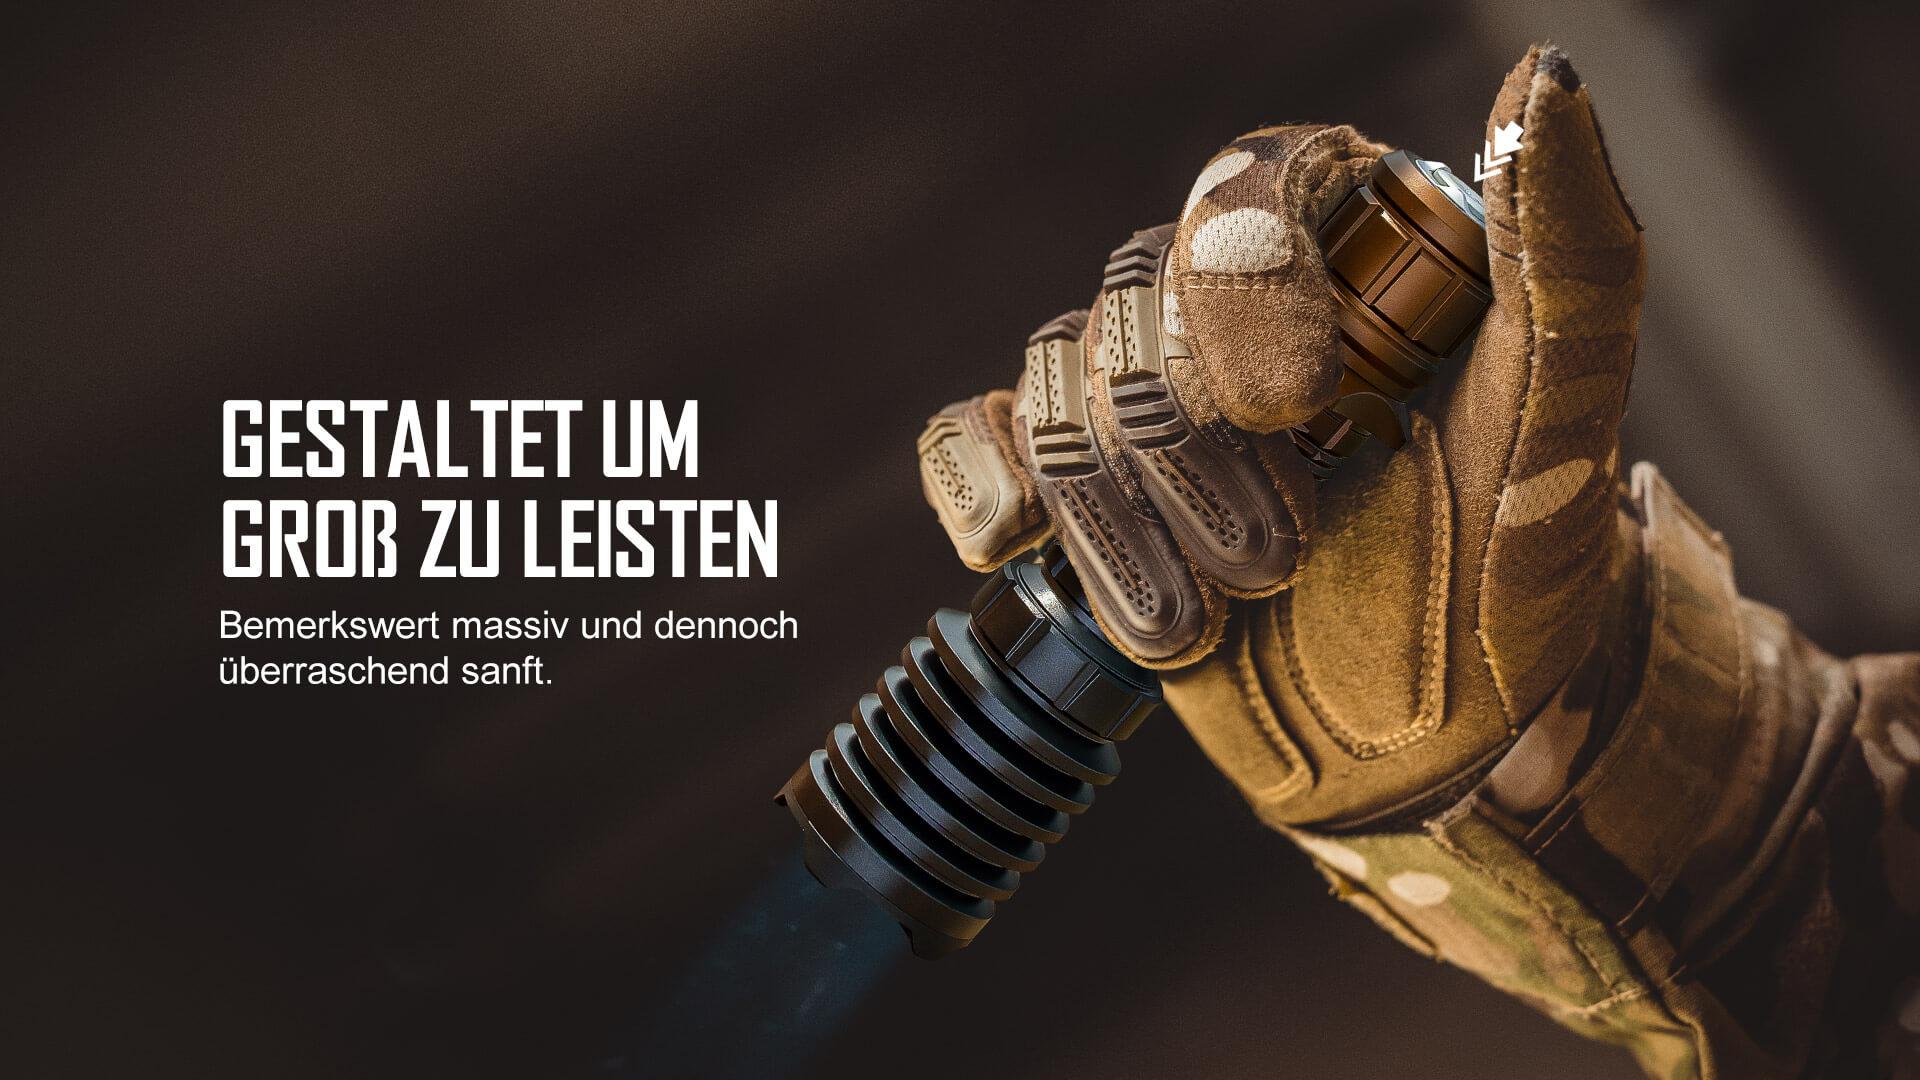 olight taktische Taschenlampe Warrior X Pro mit einem stärkeren Magnetismus und tieferen Rändelungen